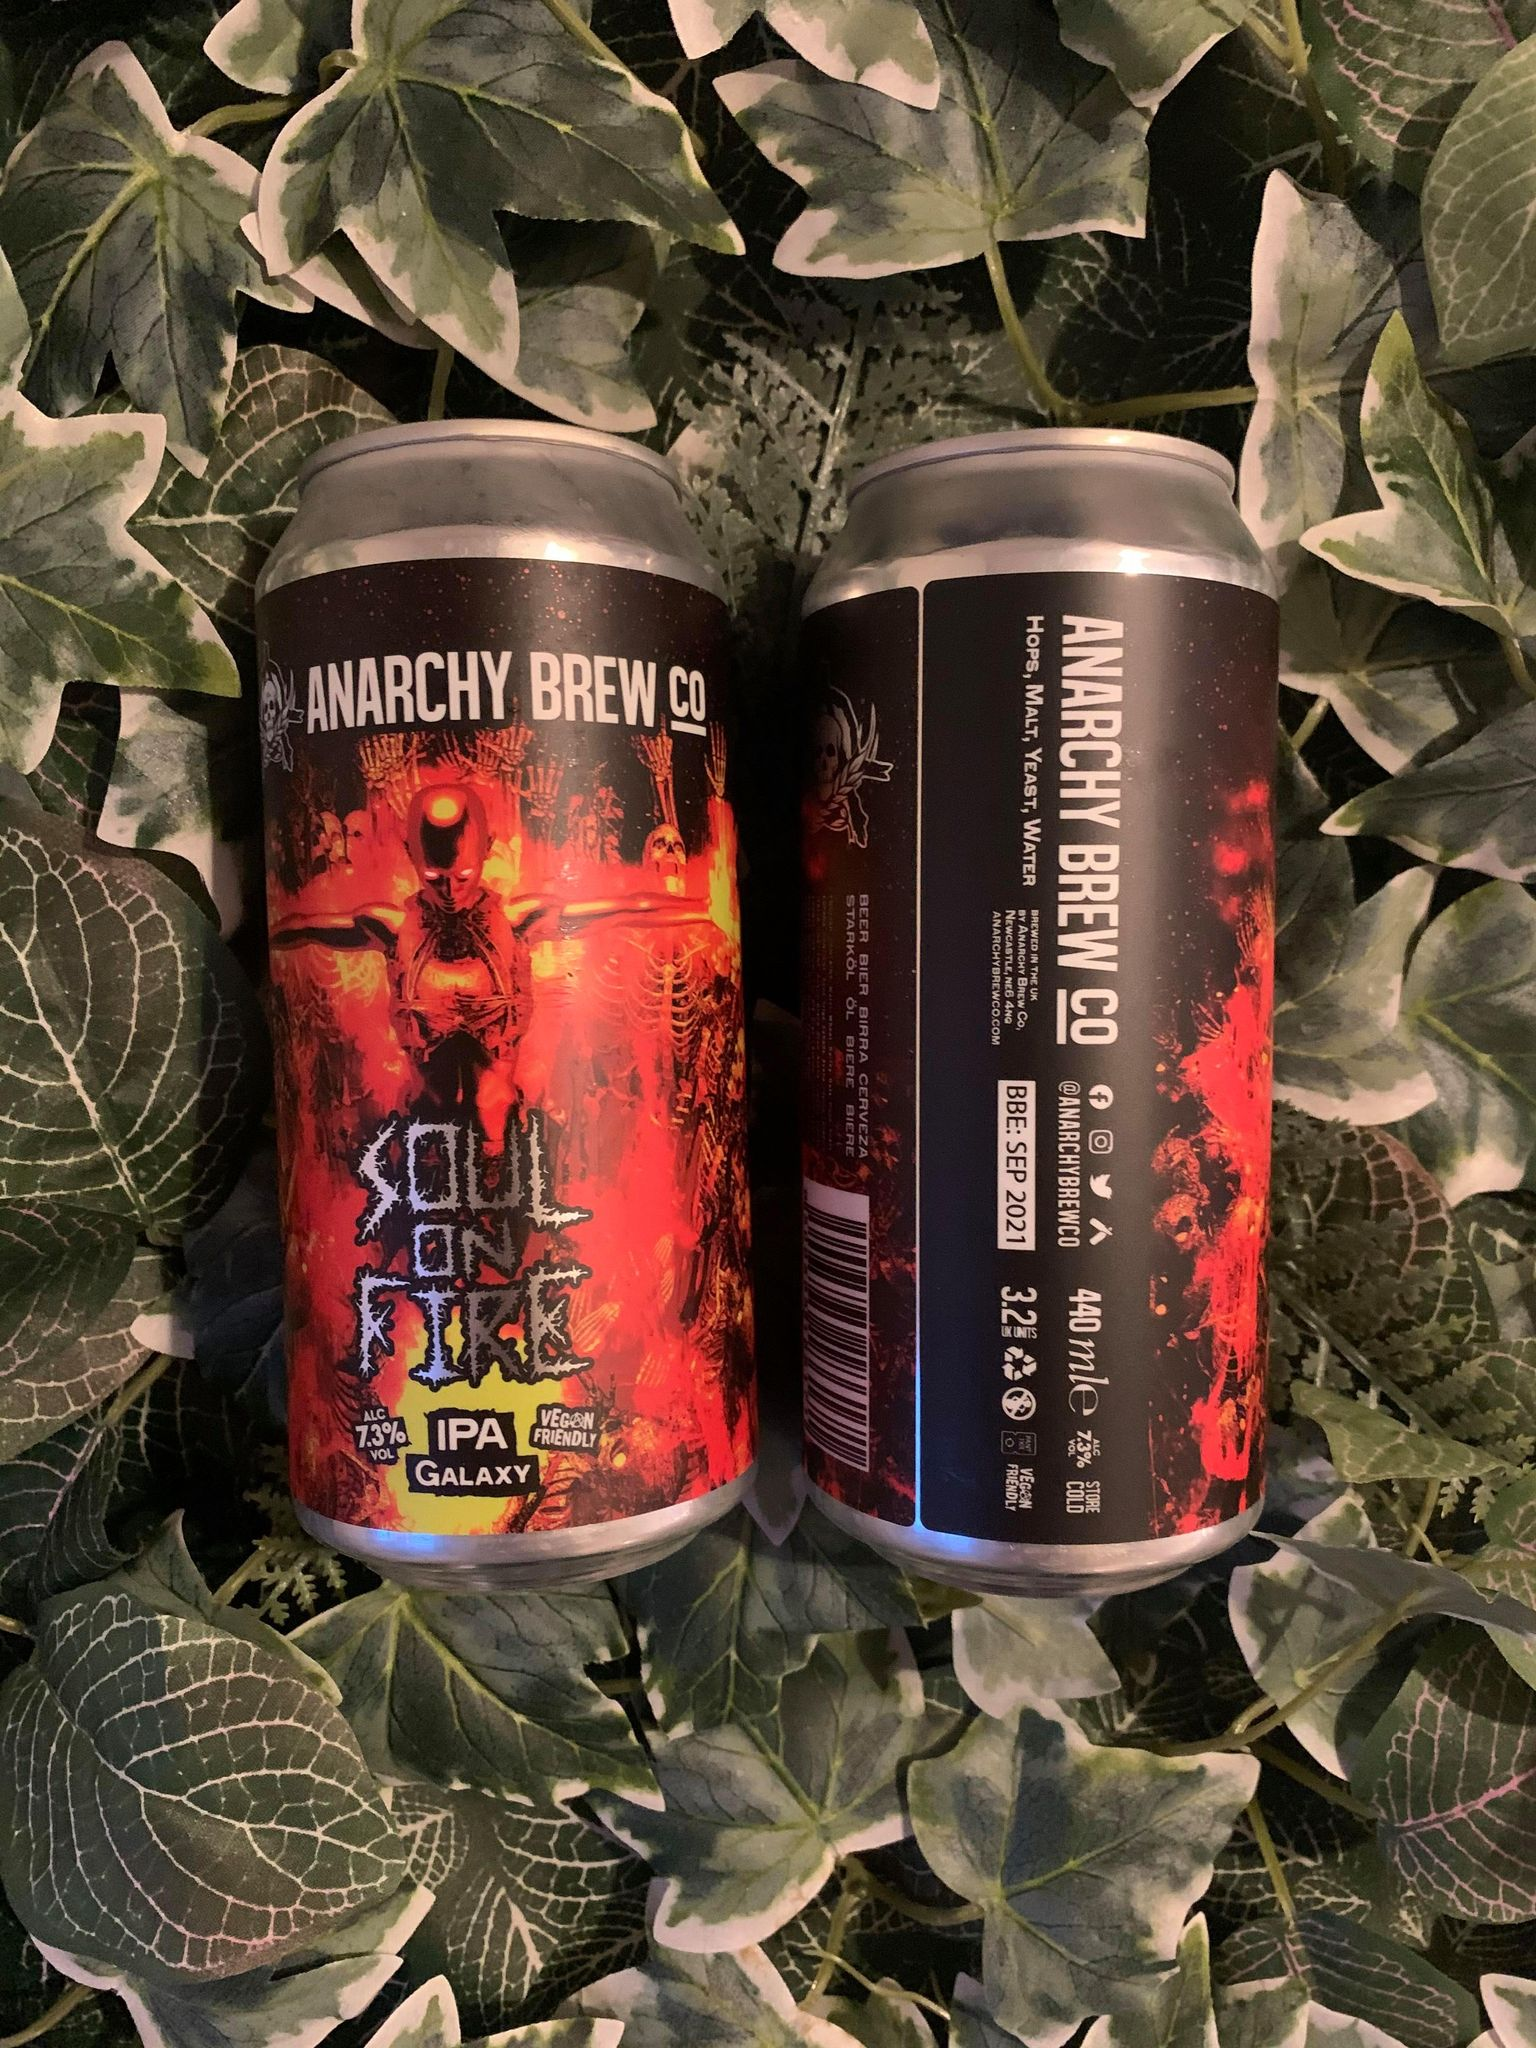 Anarchy - Soul On Fire 6.5%